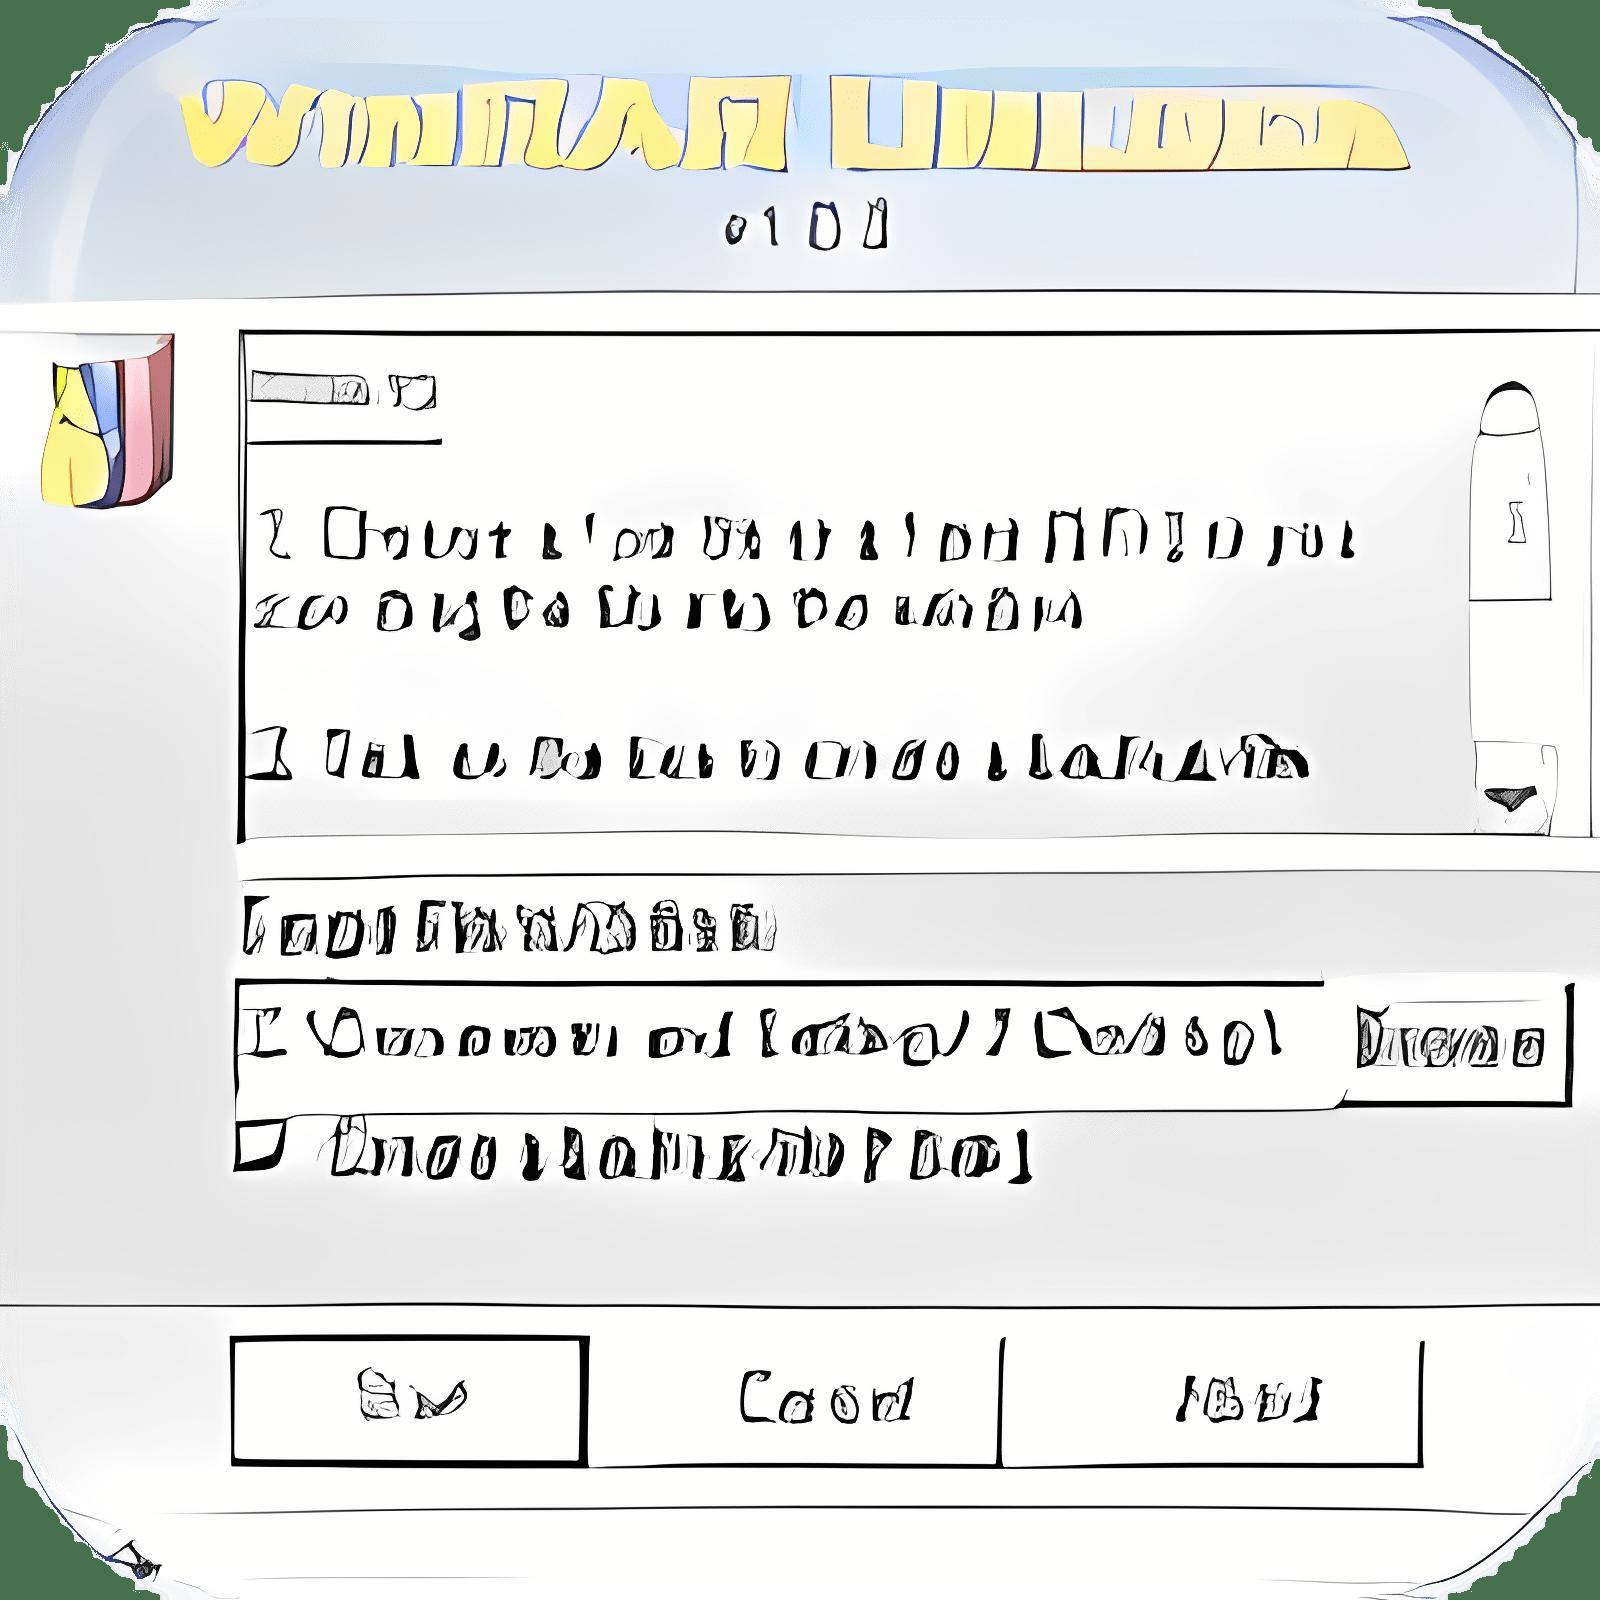 WinRAR Unlock 1.0.0